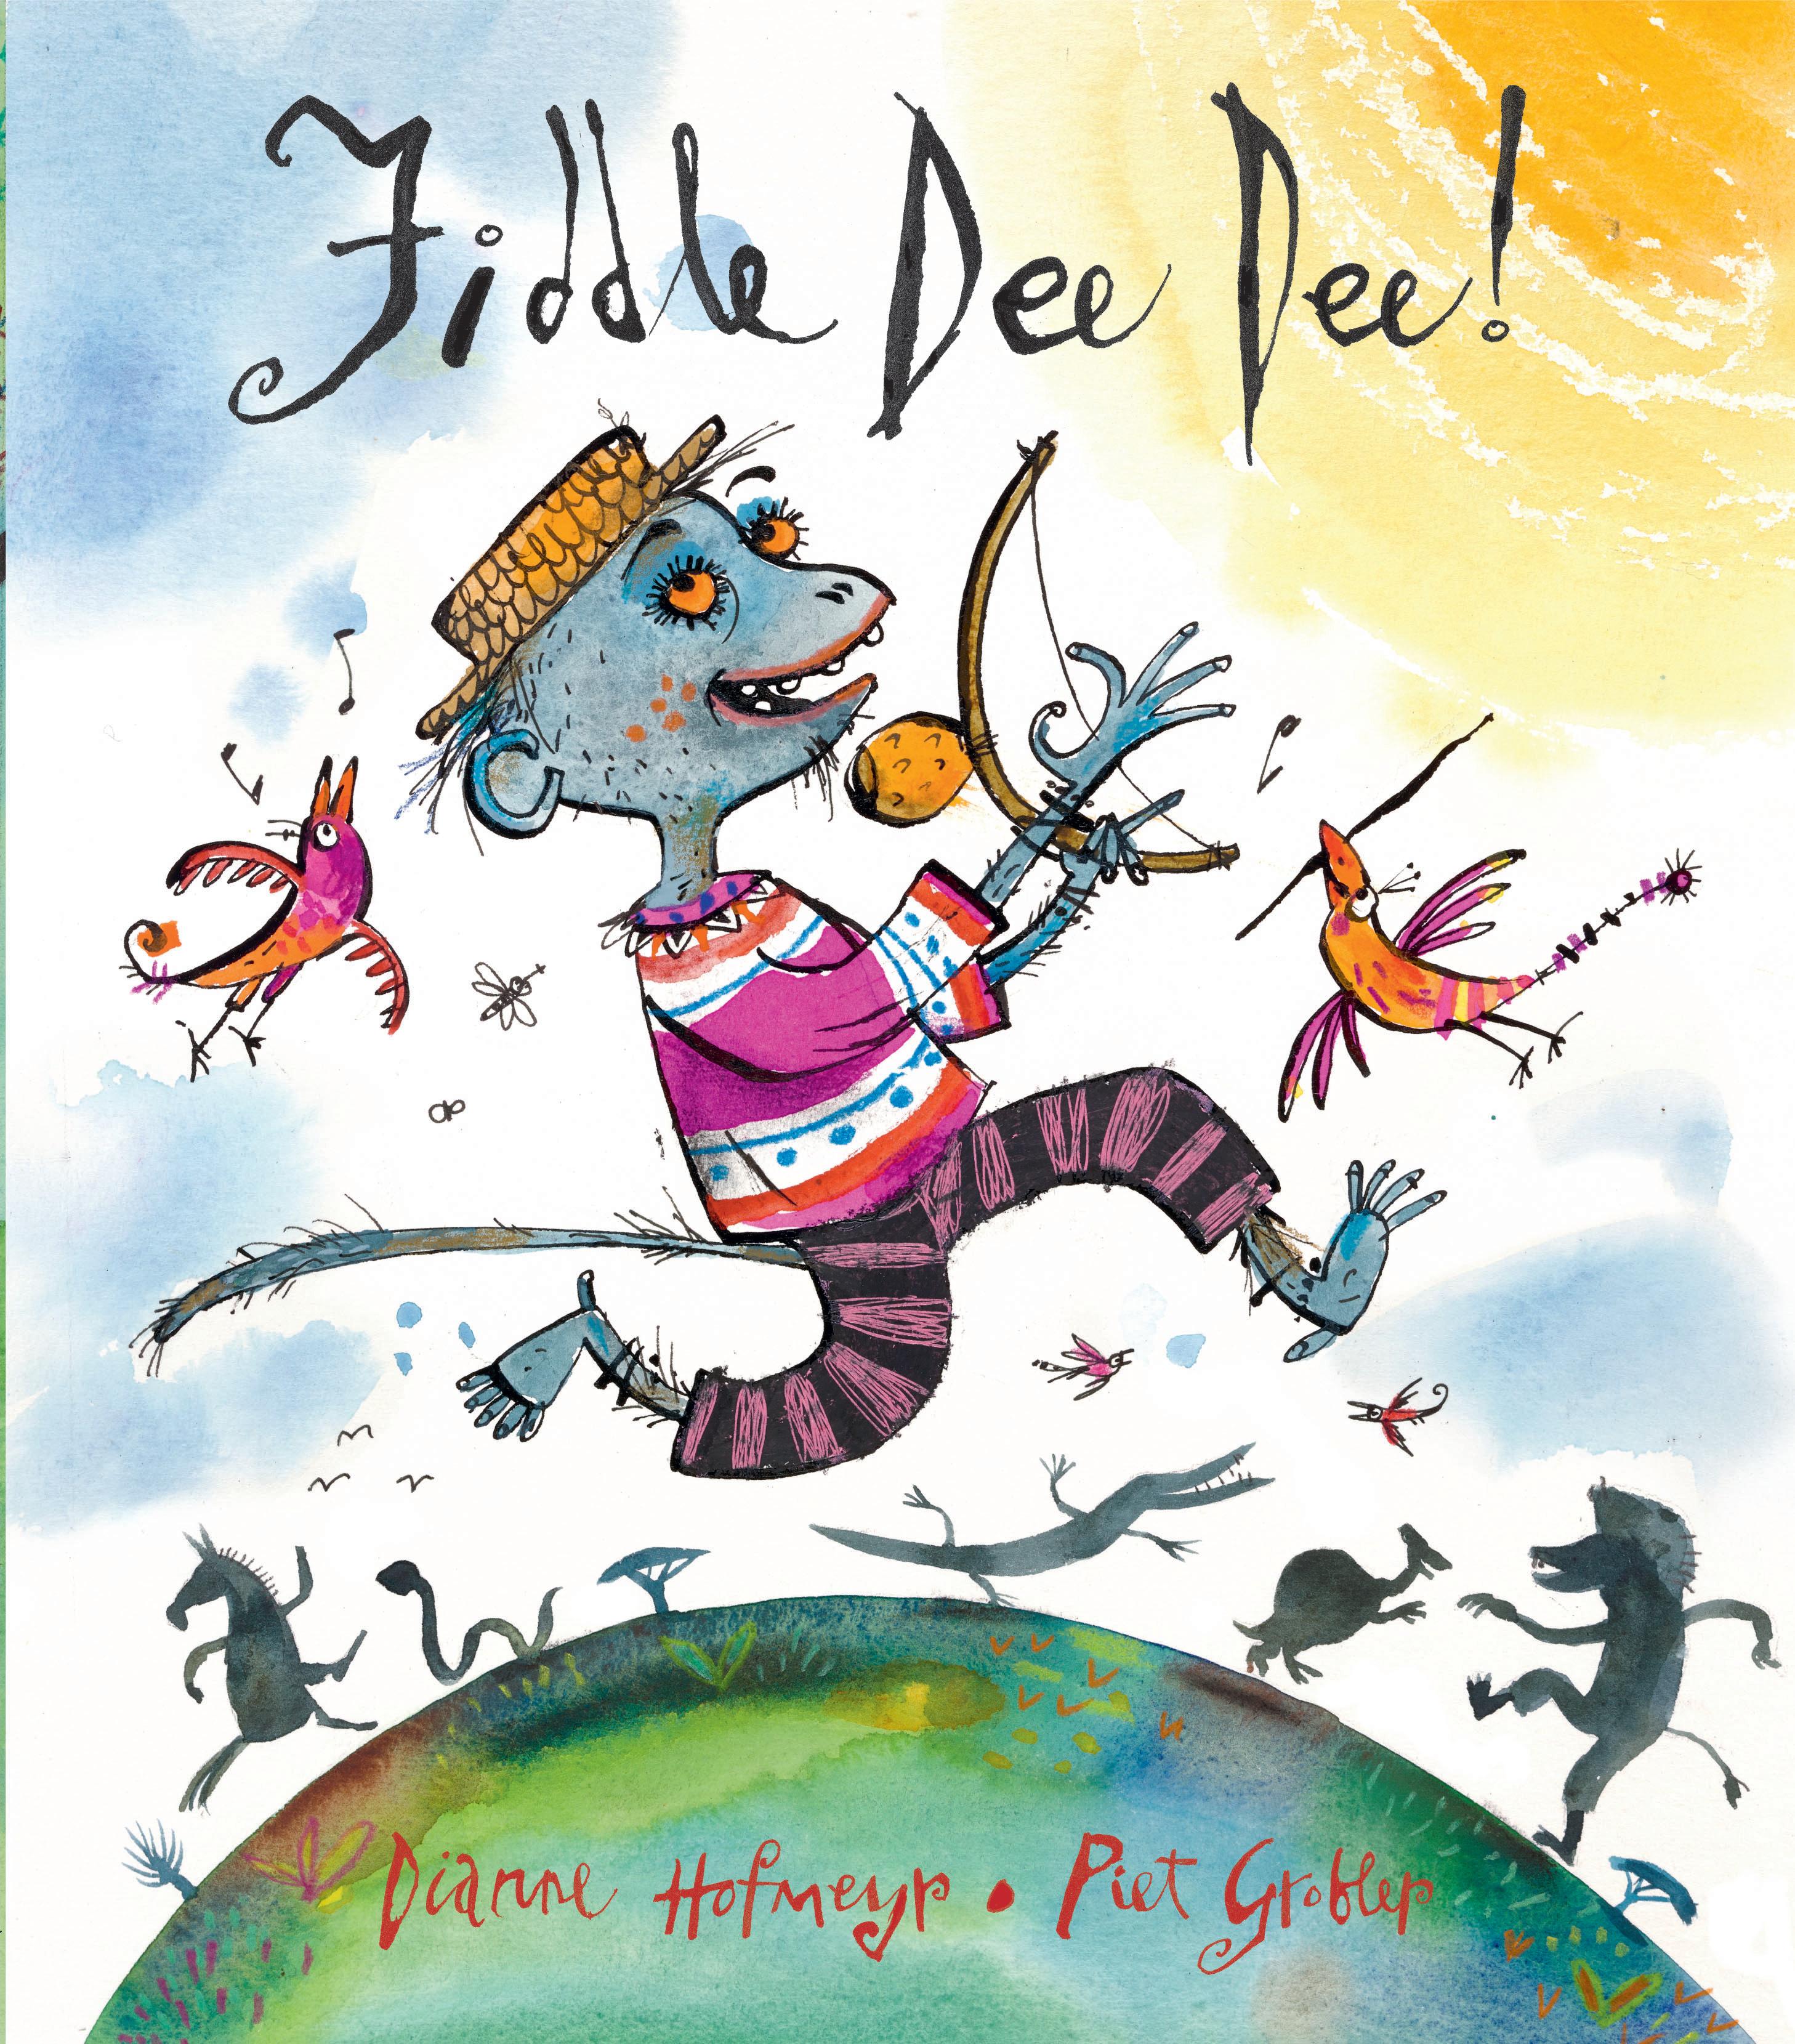 Fiddle Dee Dee!